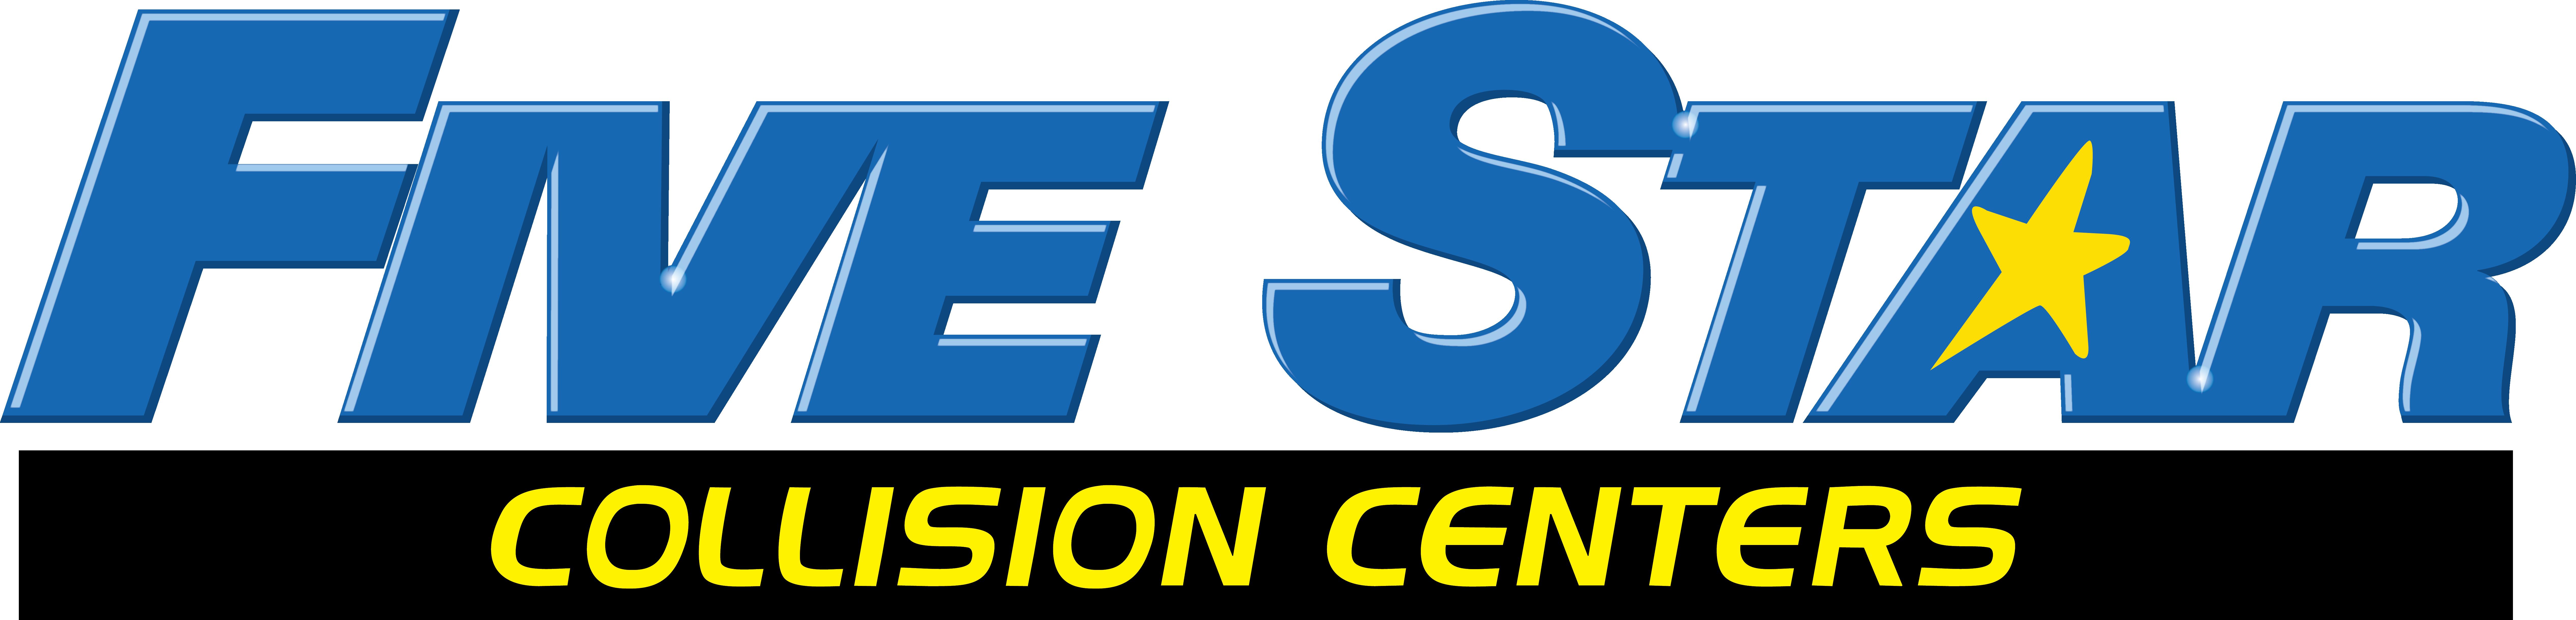 FS Collision Centers Logo